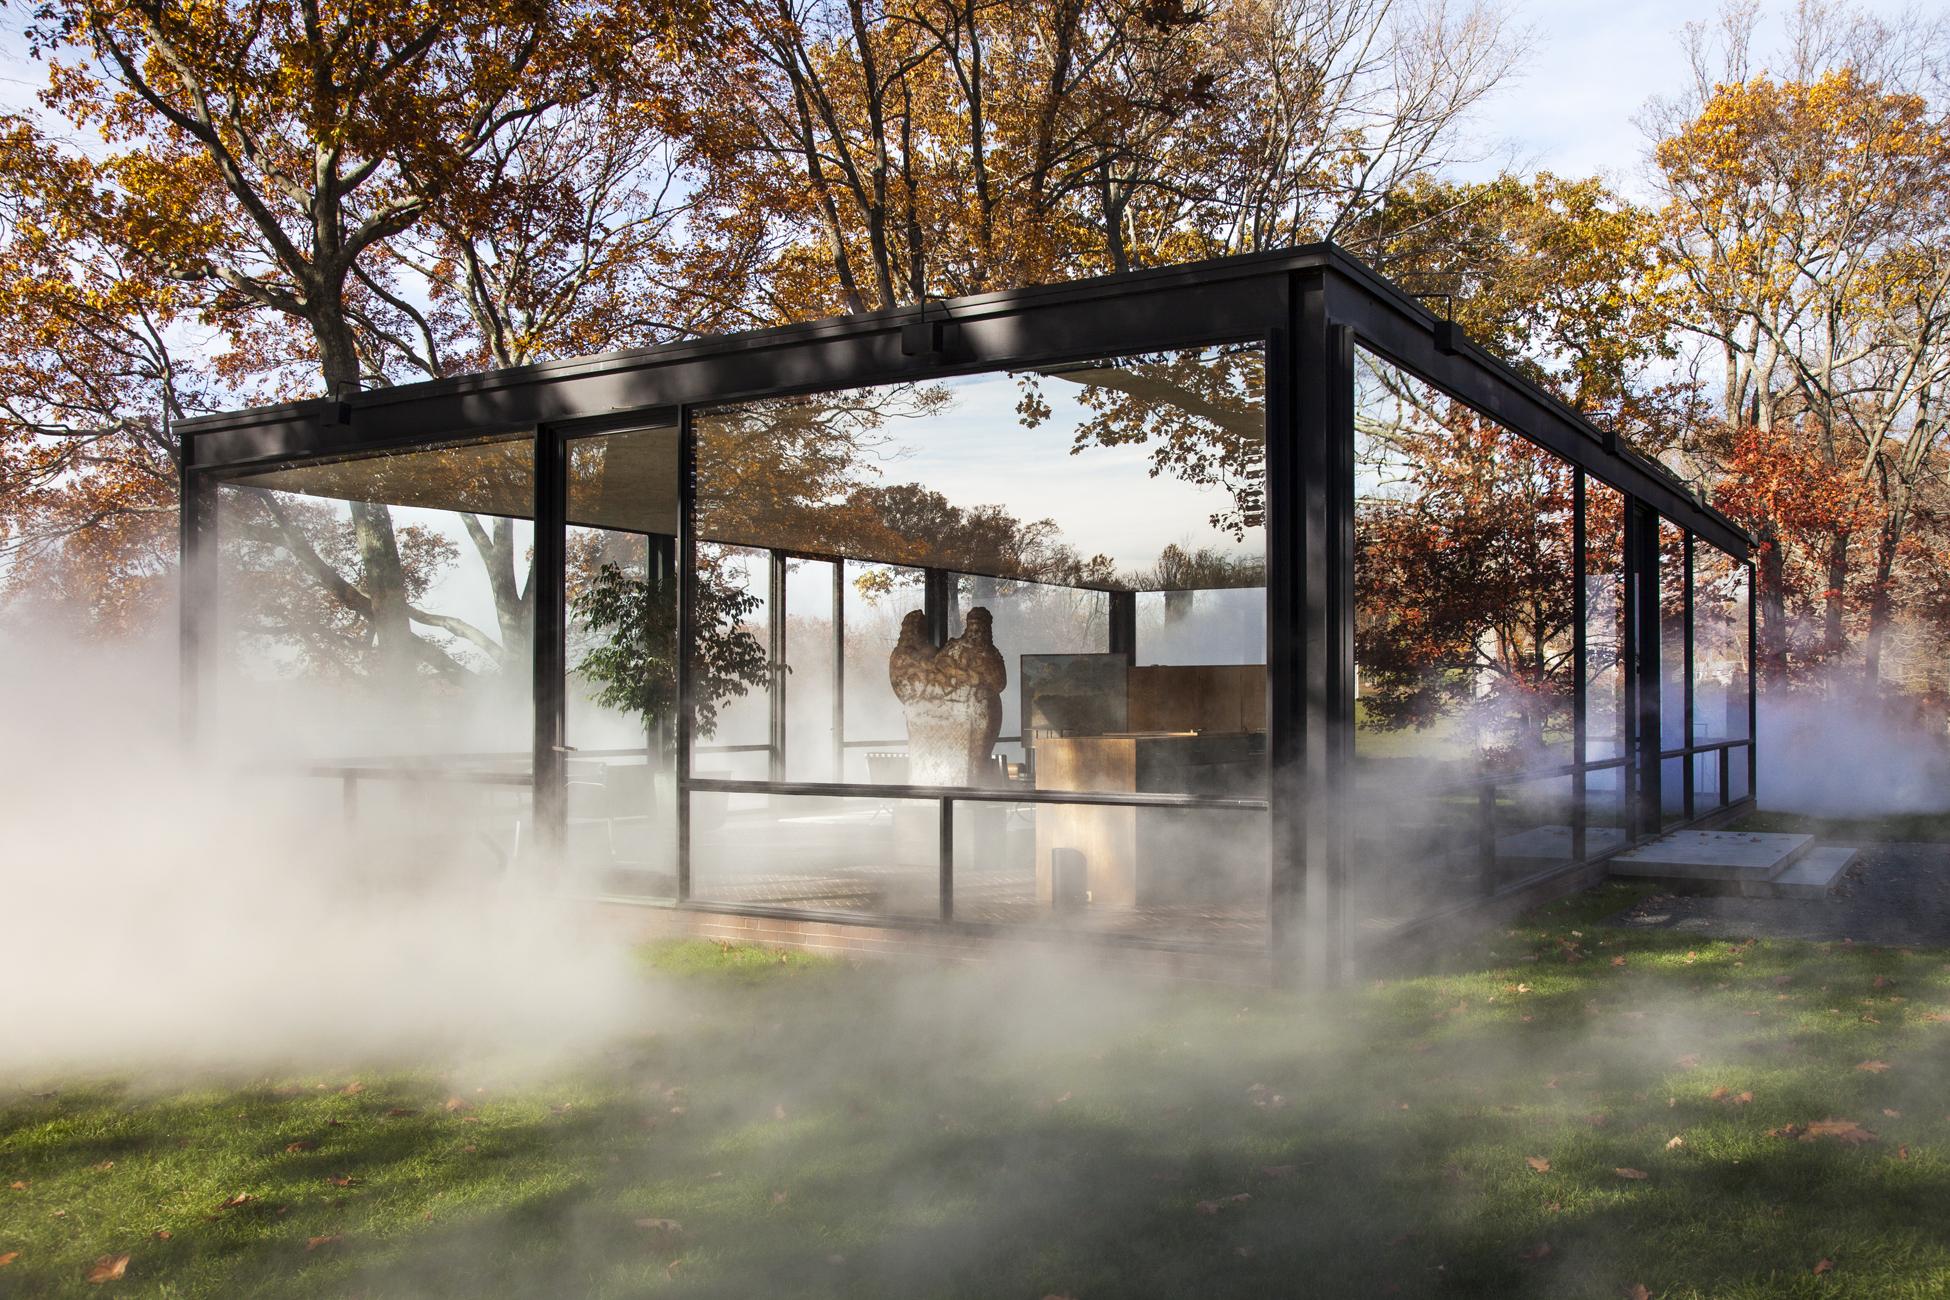 GlassHouse_Fog_0793.jpg